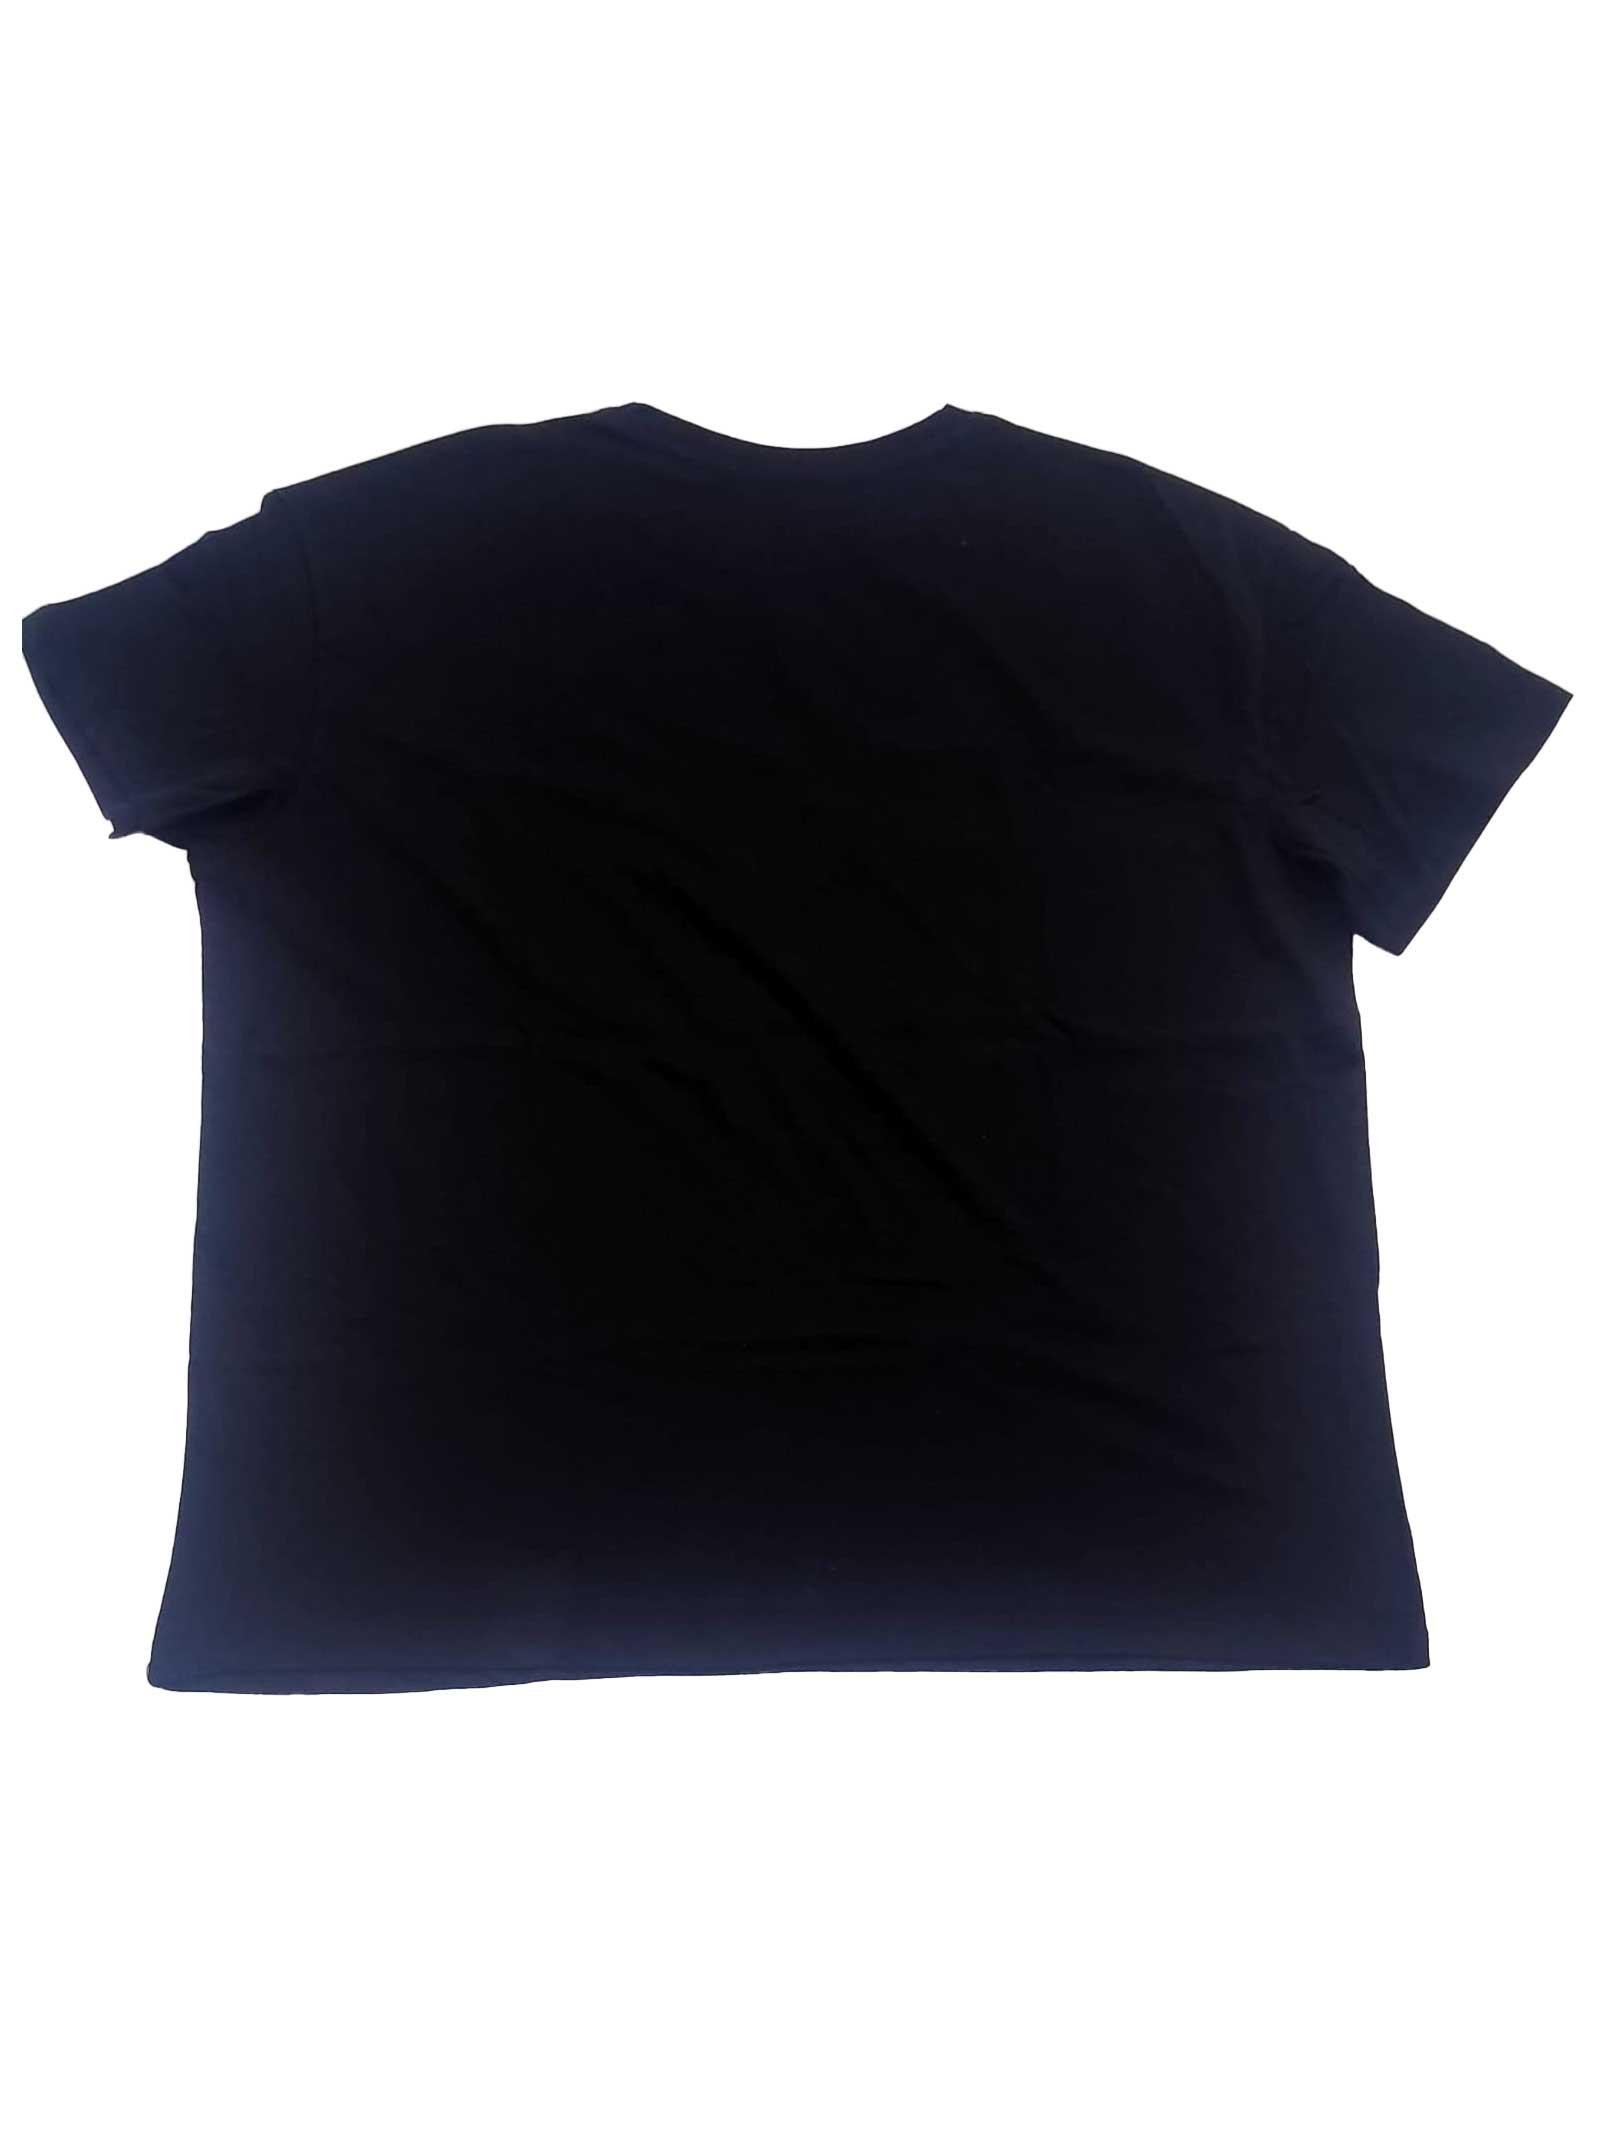 T-SHIRT DONNA 19V69 | T-shirt | VI21SSDPM0009NERO